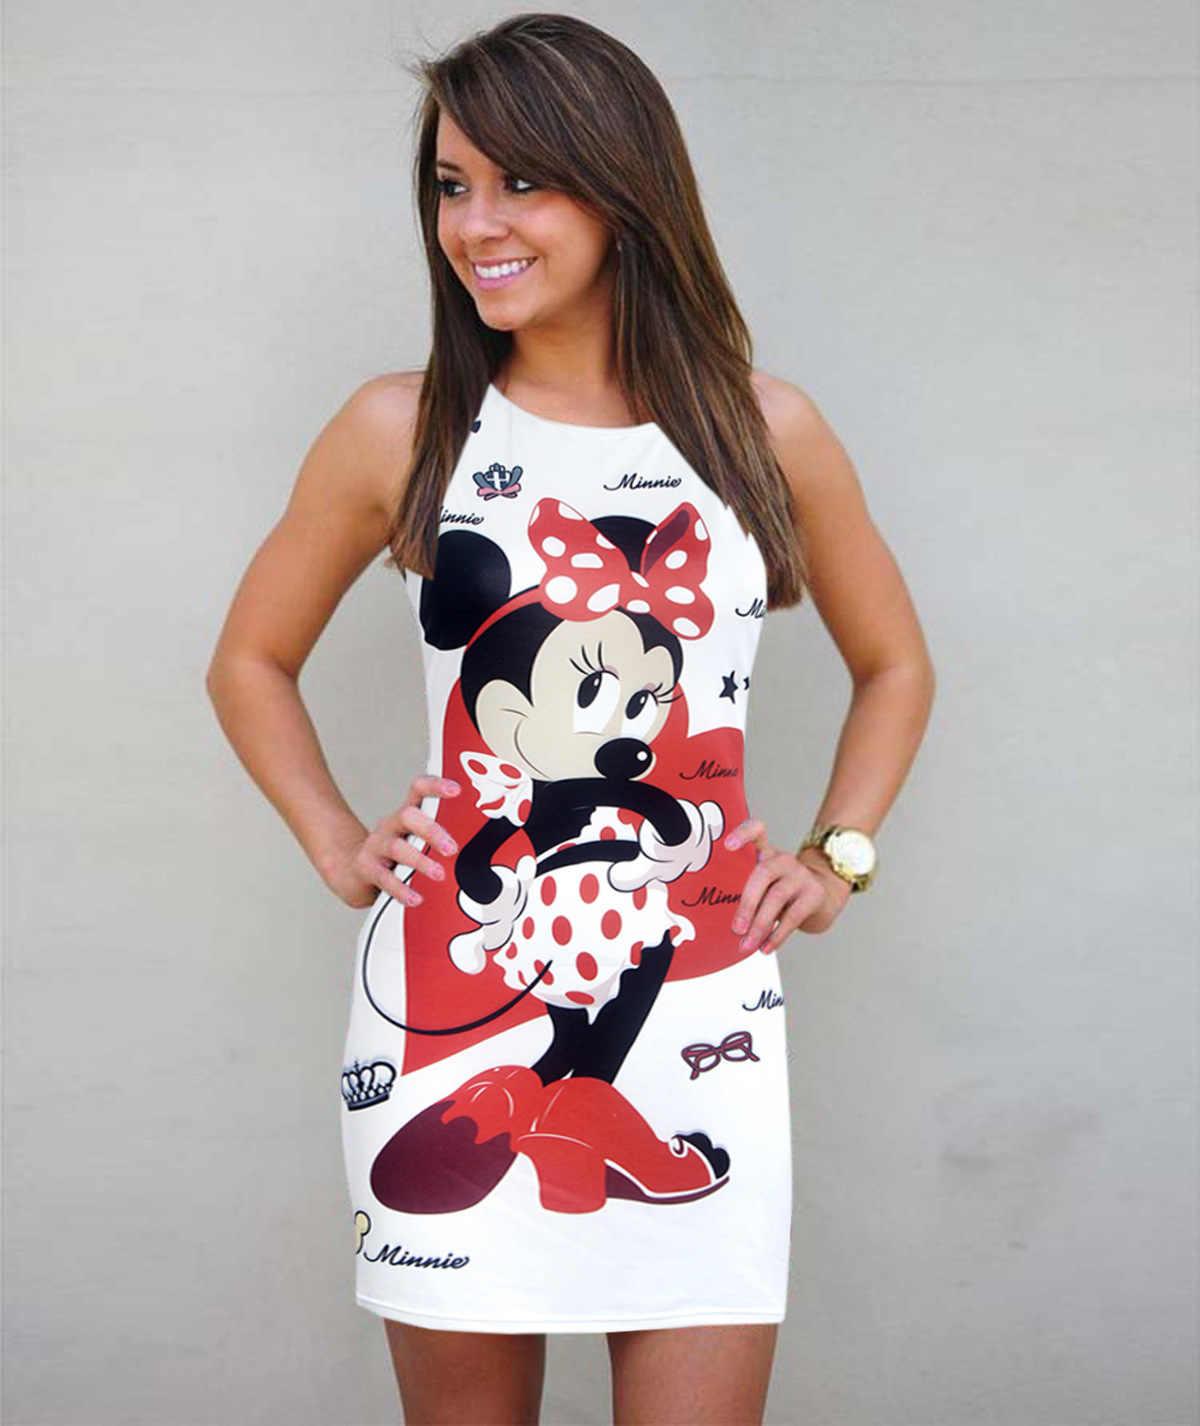 Minnie kadın bodycon parti elbise kadın karikatür baskı doğum günü hediyesi giyim giyim için kız vestidos W009A